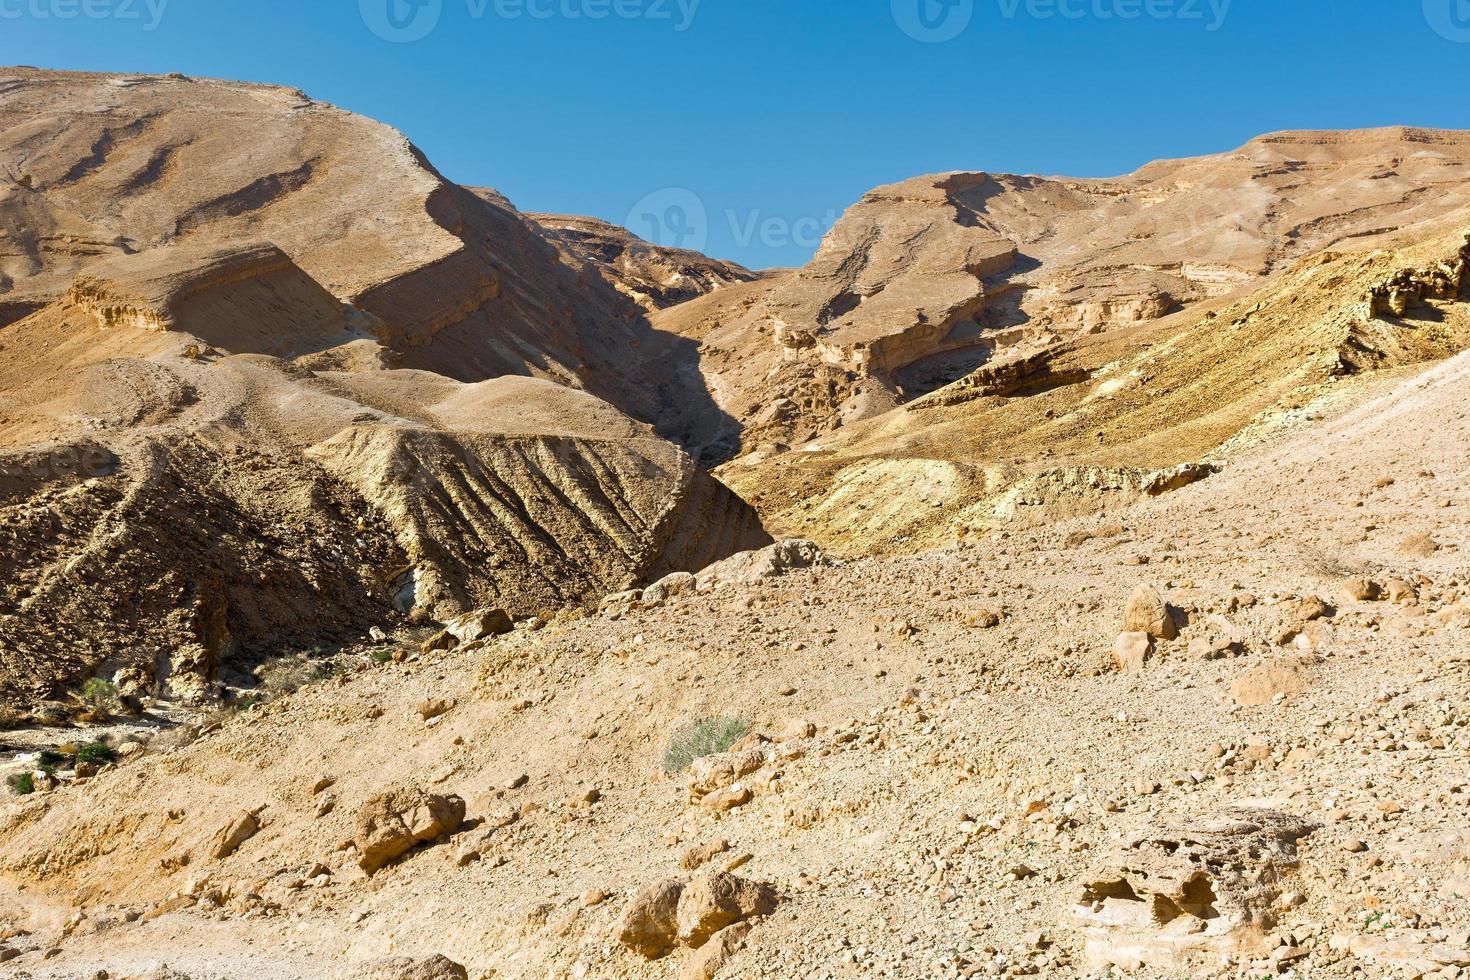 israël woestijn foto